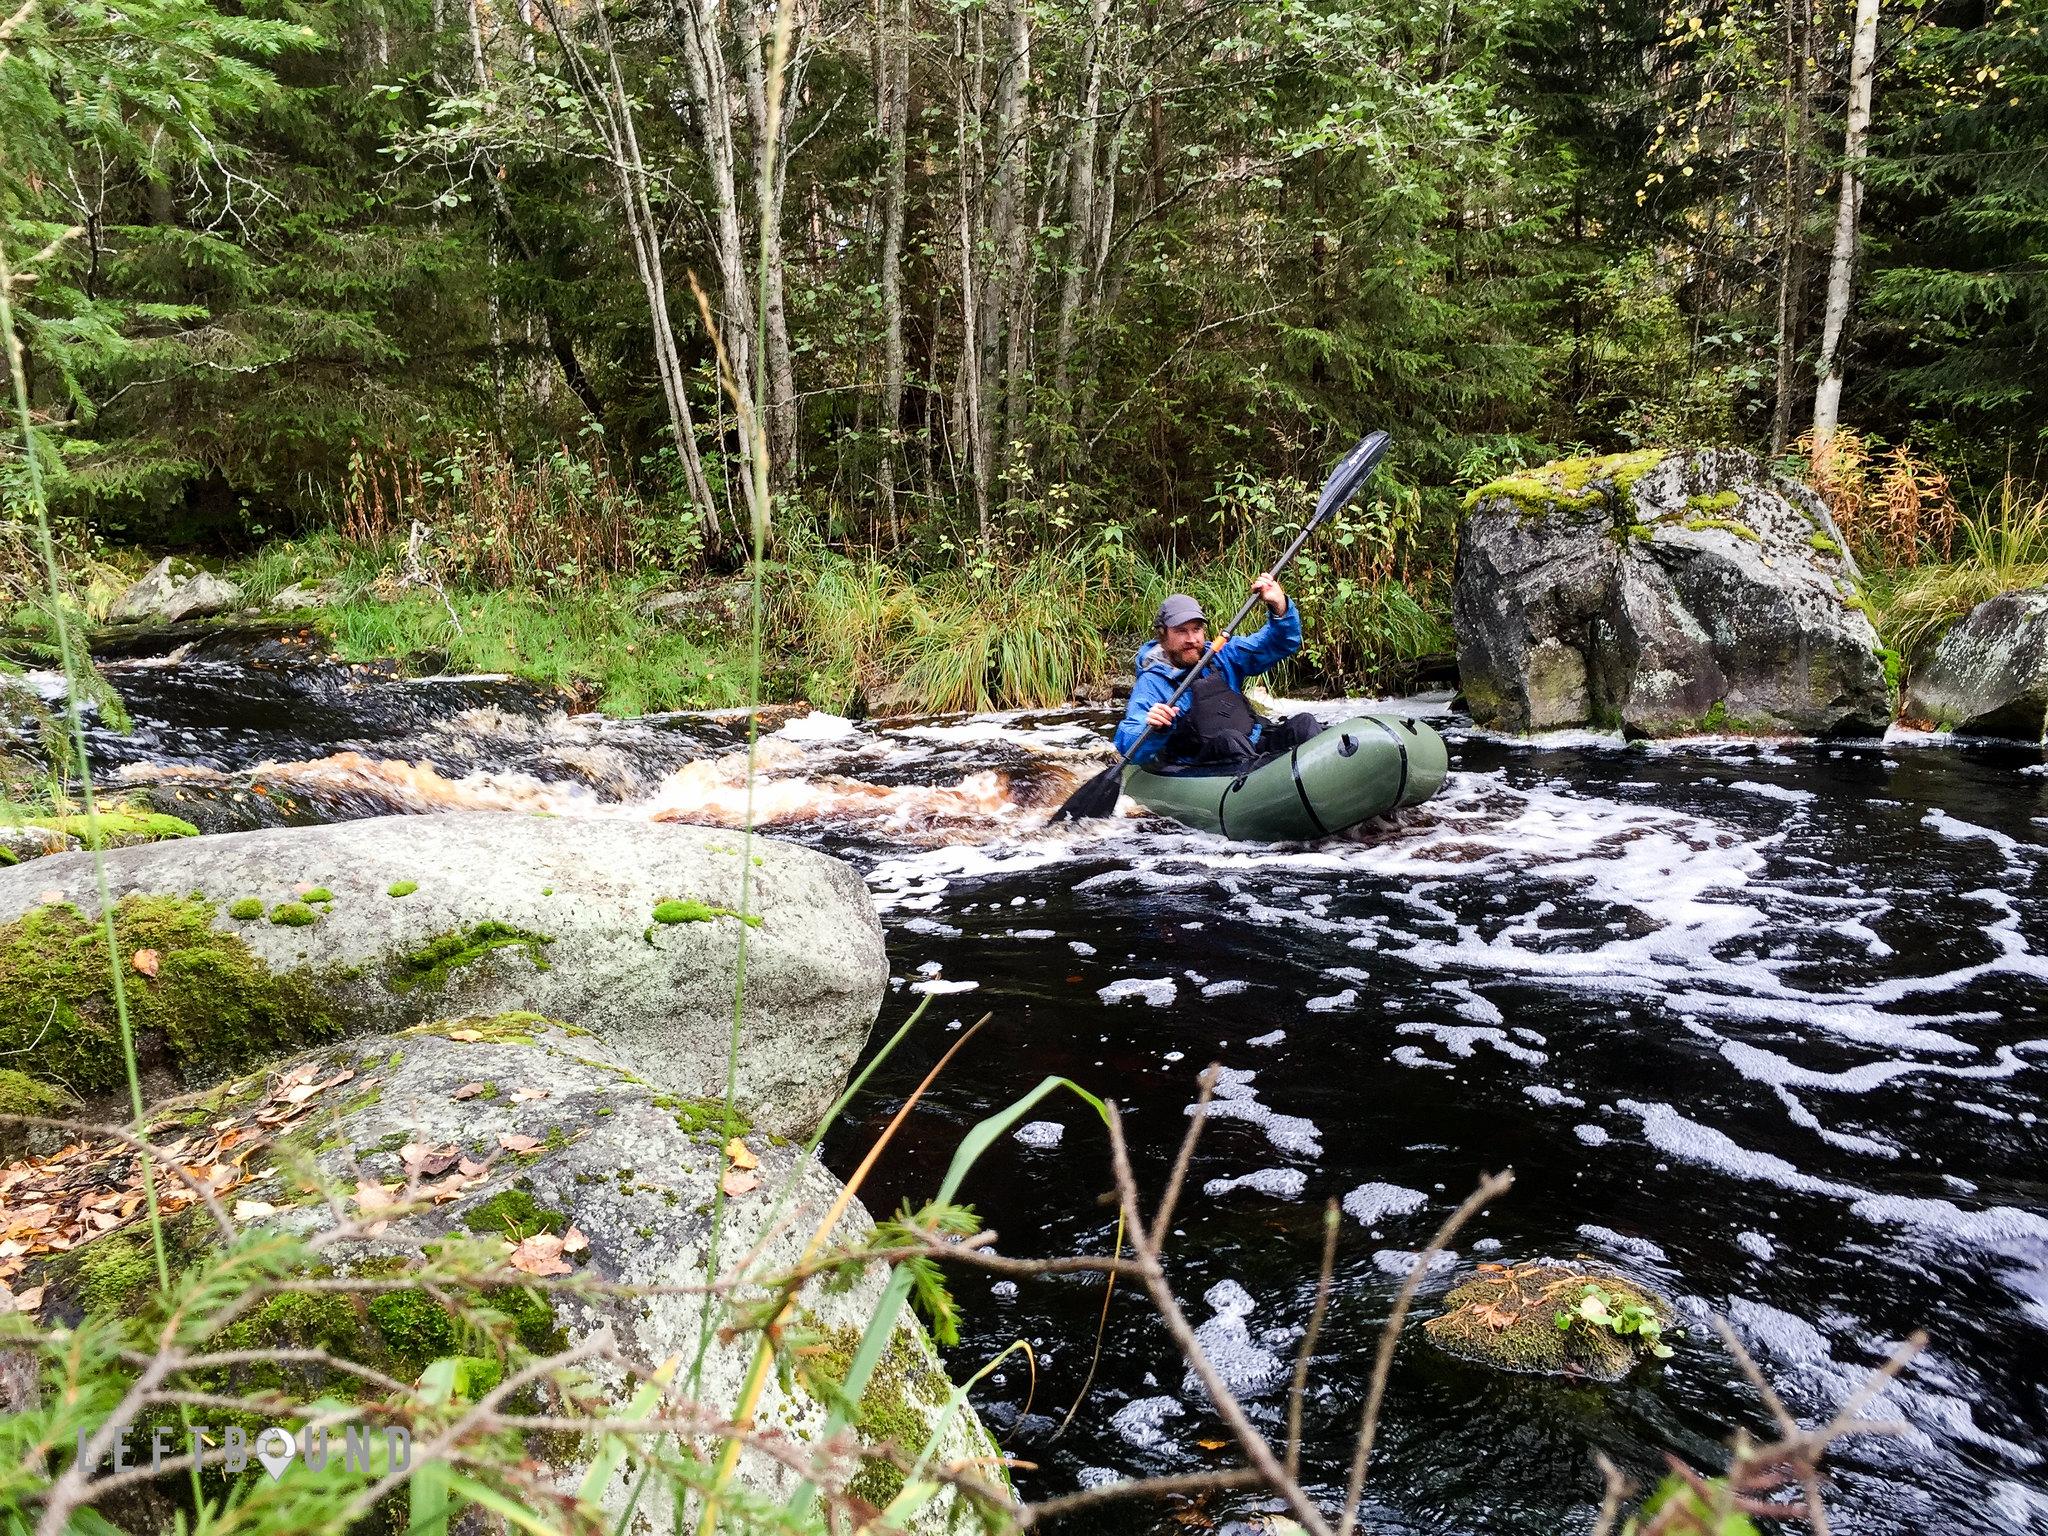 Karhukoski rapid in Haukkajoki